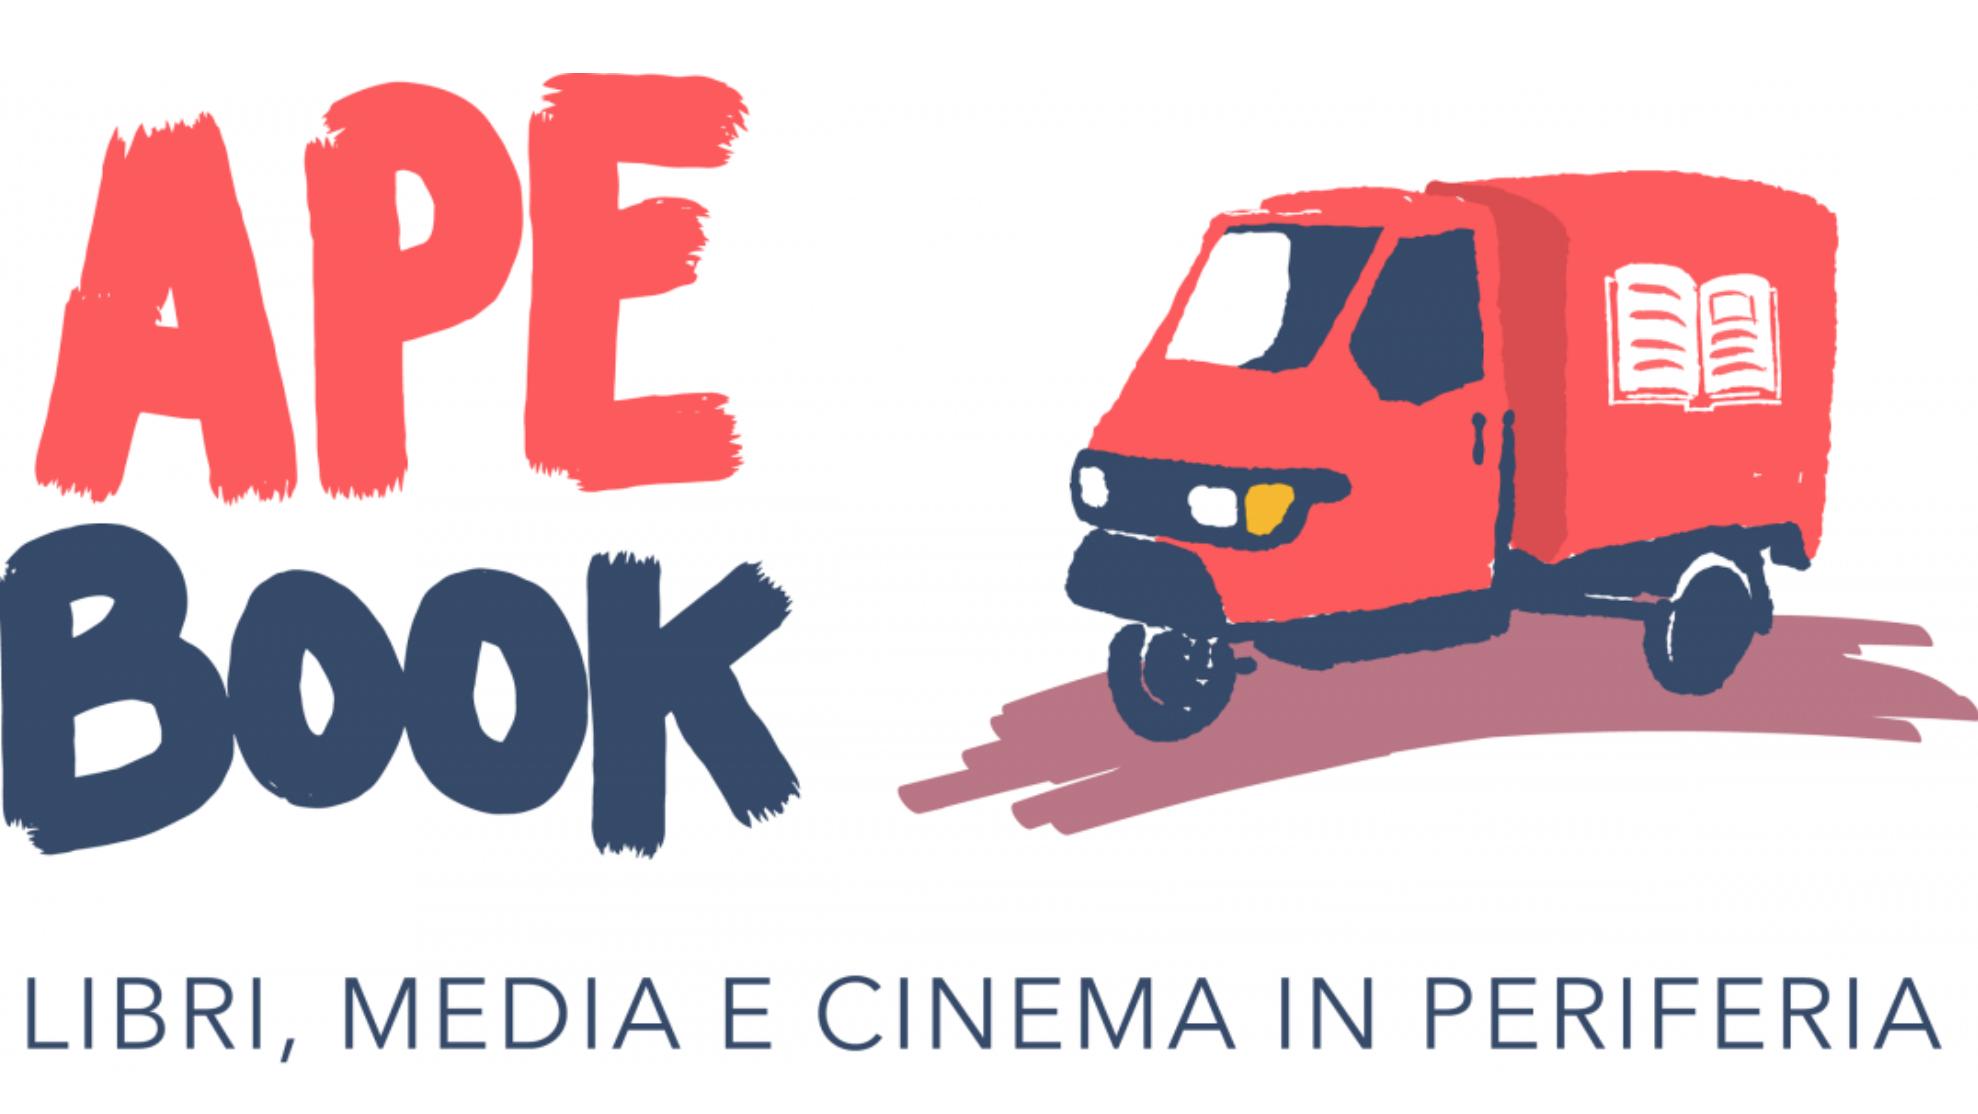 ApeBook: quando un libro bussa alla tua porta